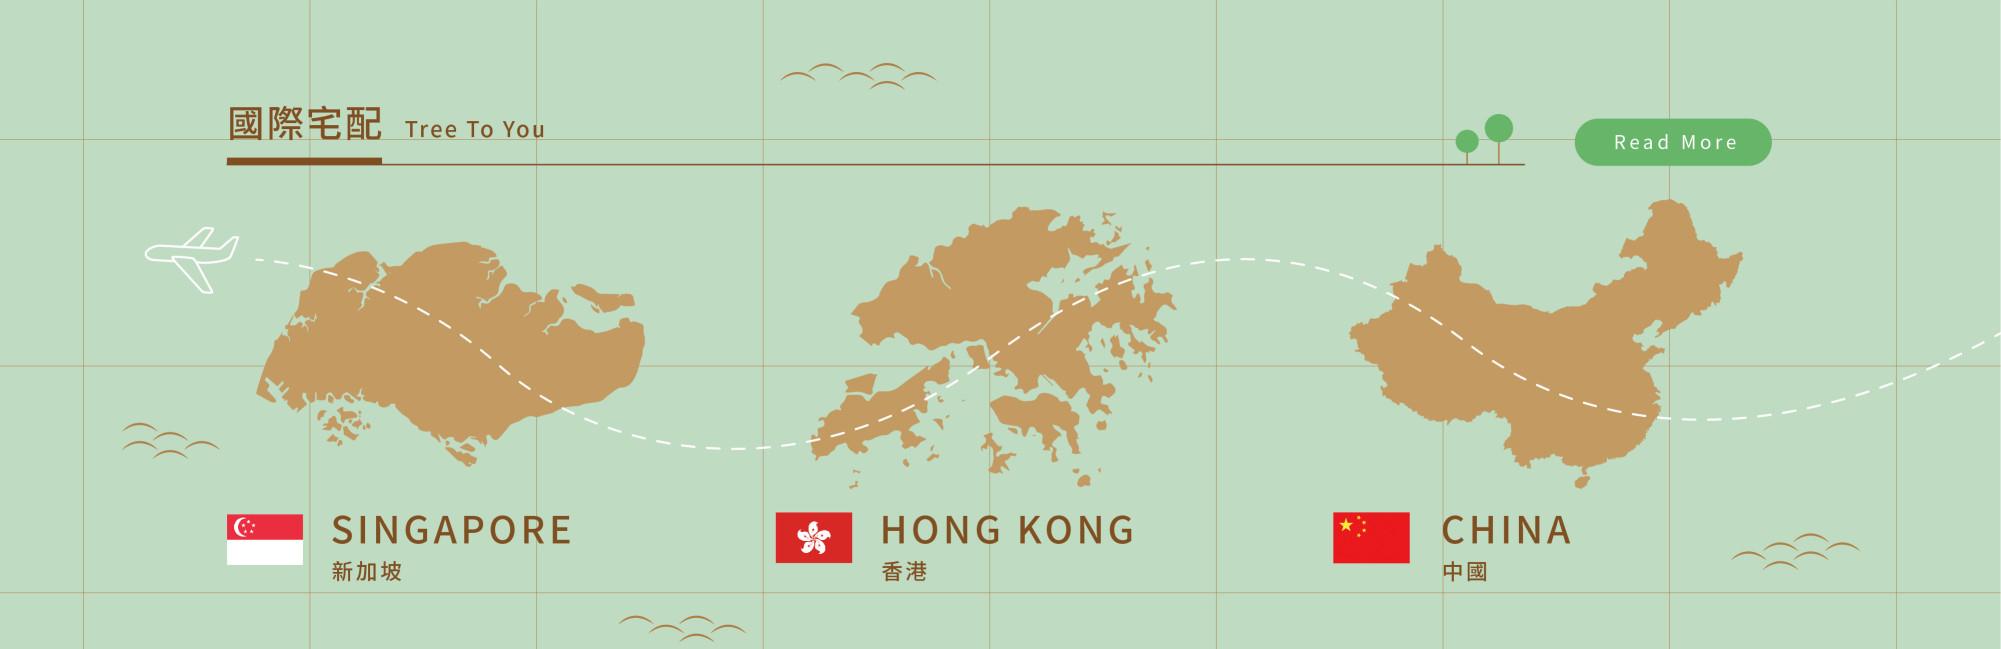 三輩田農產品國際直送香港服務|鯊客科技 SEO 優化公司